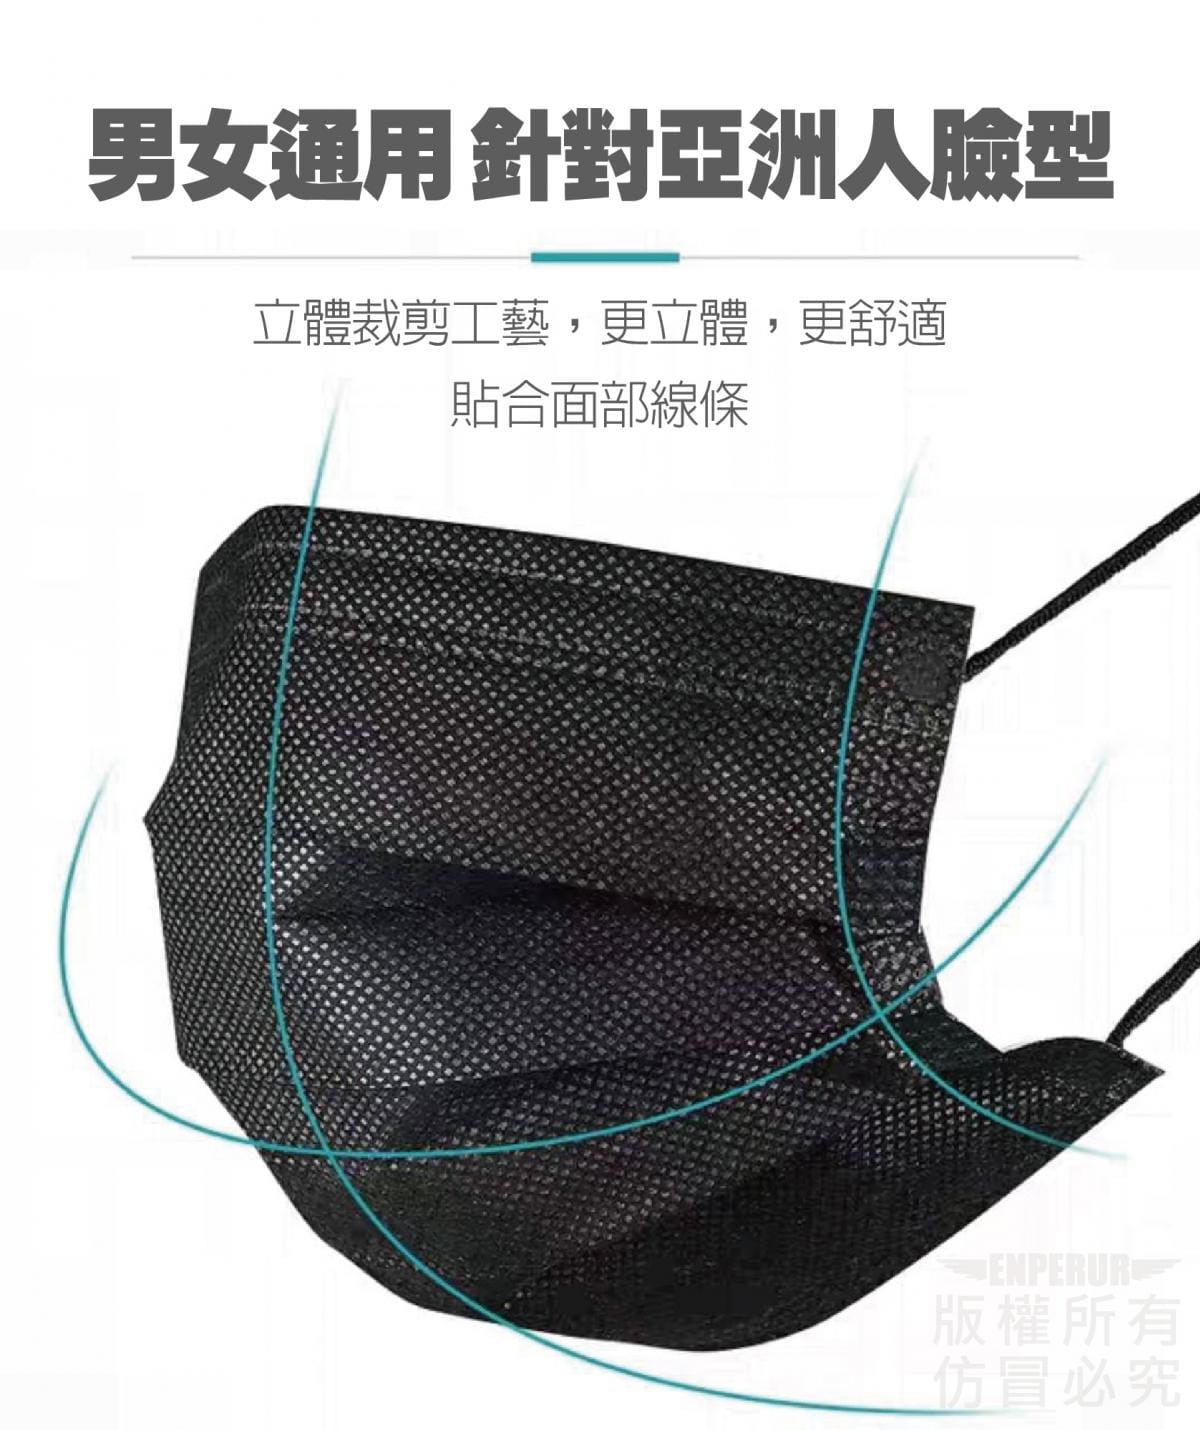 一次性防塵口罩(成人、兒童)可任選 ※款式顏色隨機出貨※ 熔噴布一般口罩 非醫療口罩 拋棄式口罩 6